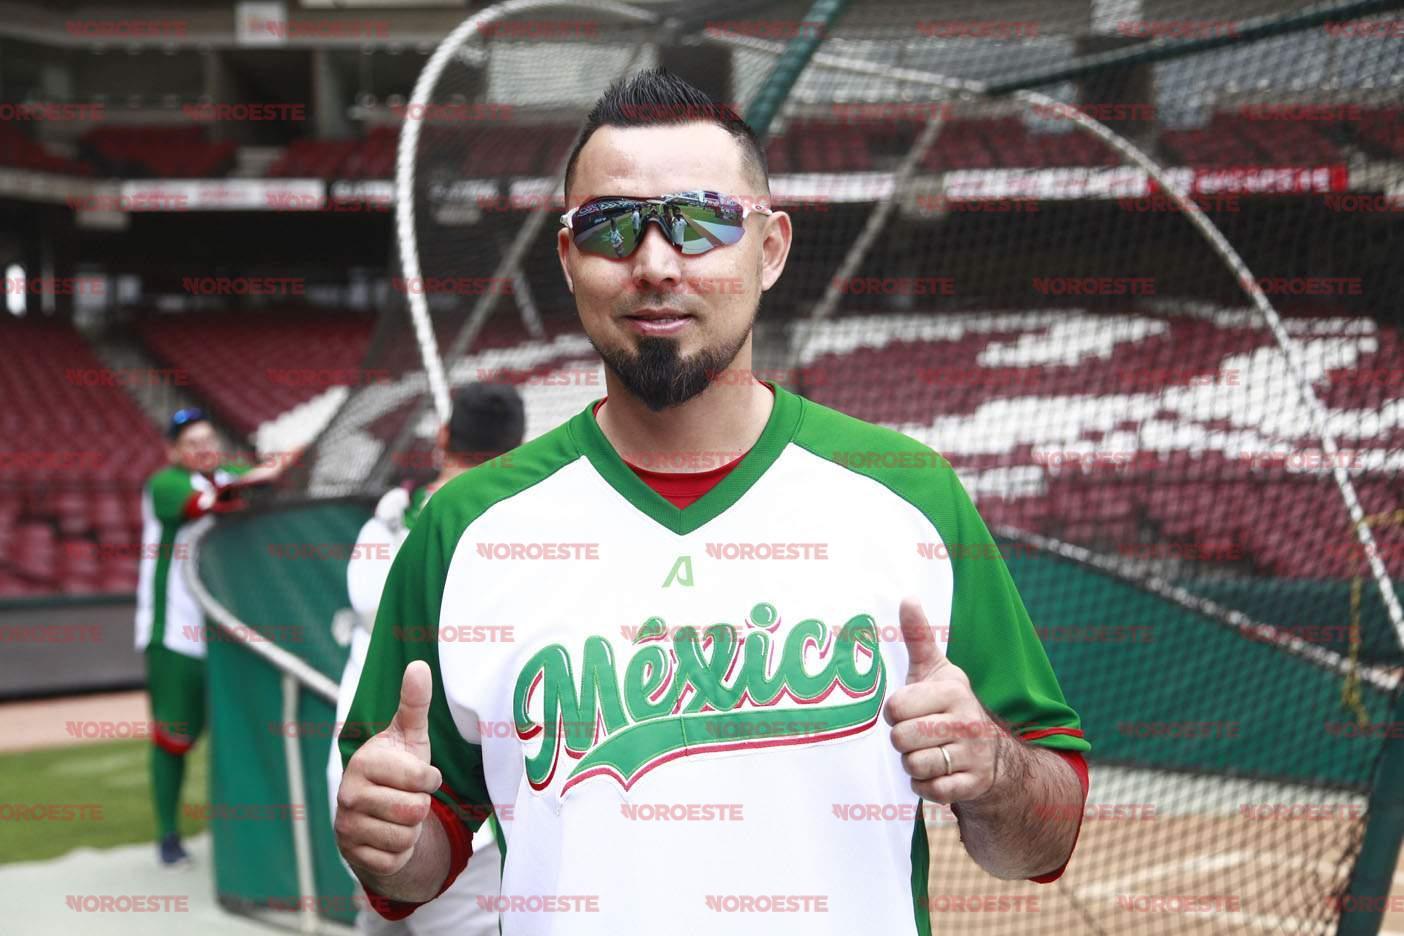 México perdió en su debut en la Serie del Caribe